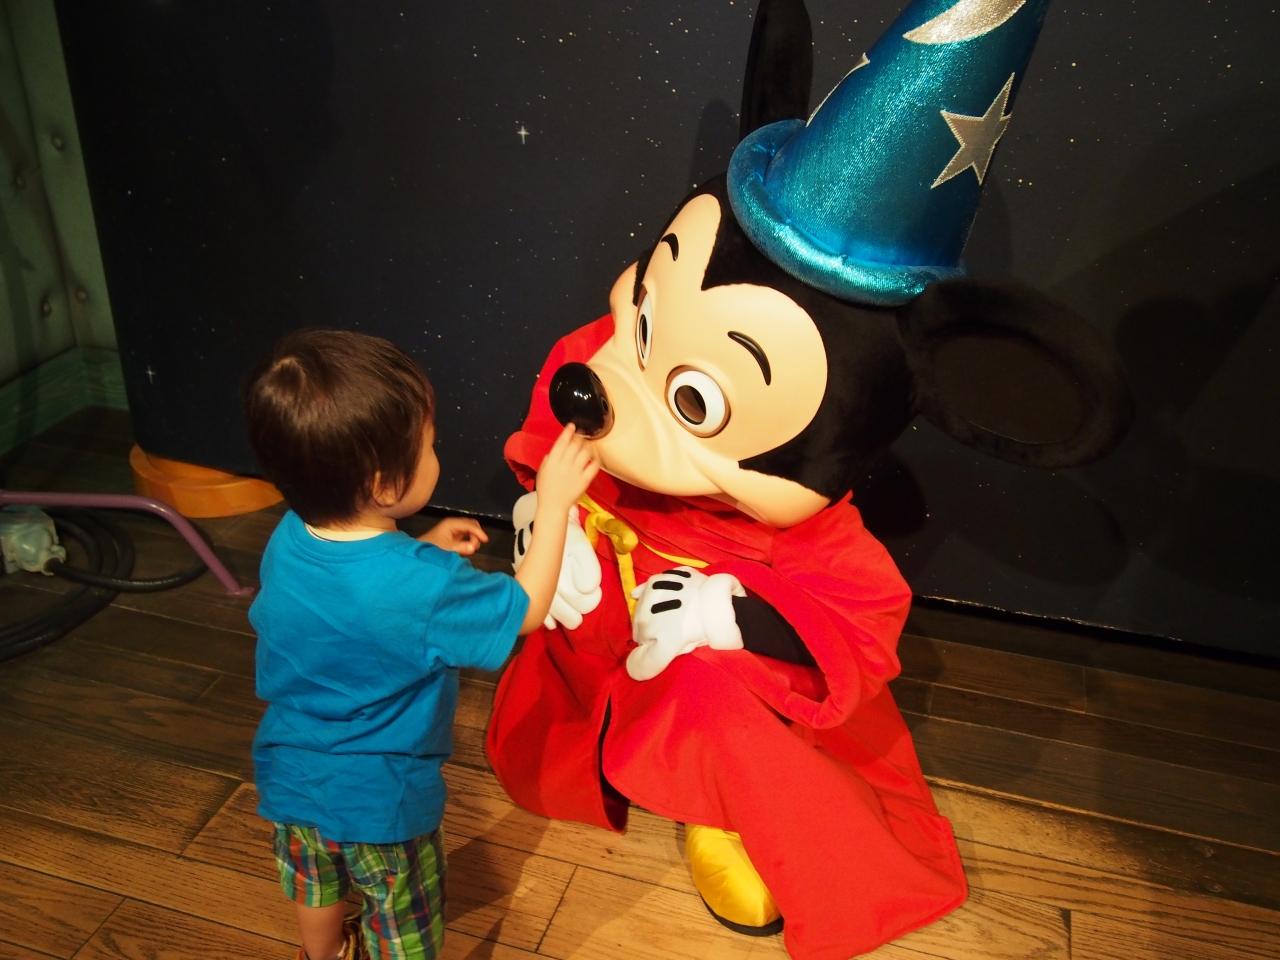 2015年 ディズニーランド』東京ディズニーリゾート(千葉県)の旅行記